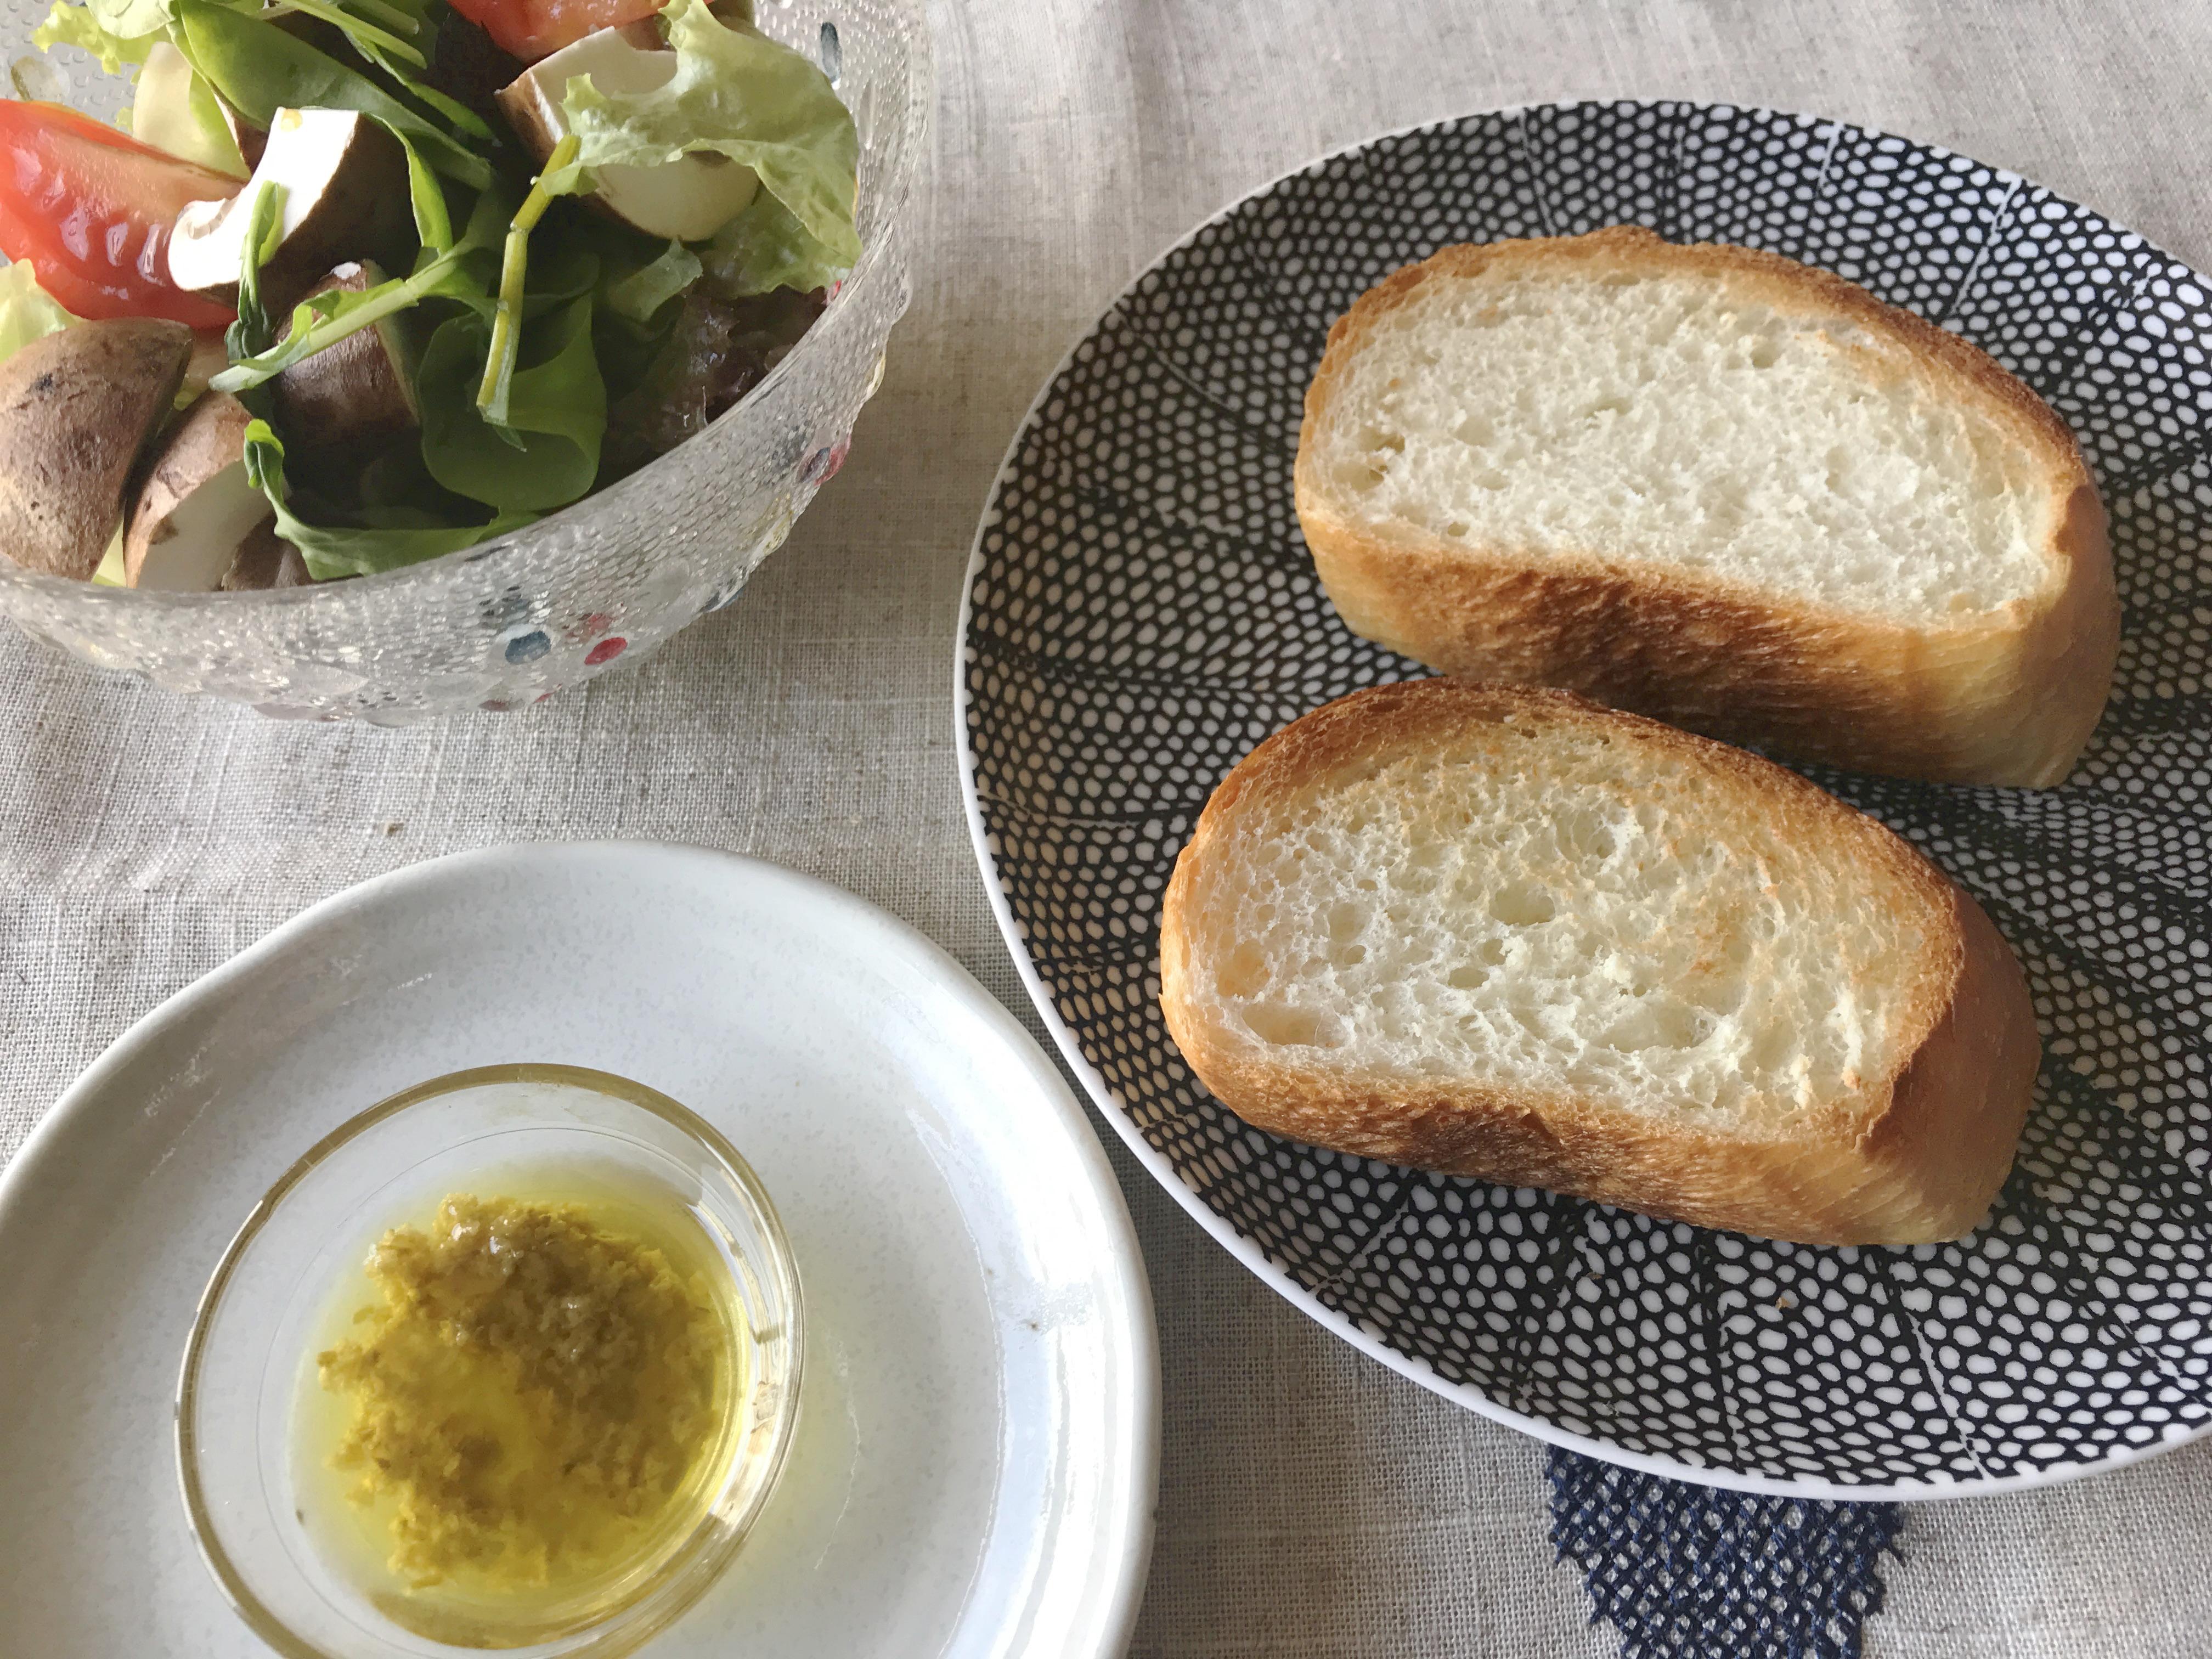 オリーブオイルと柚子胡椒をパンに塗る